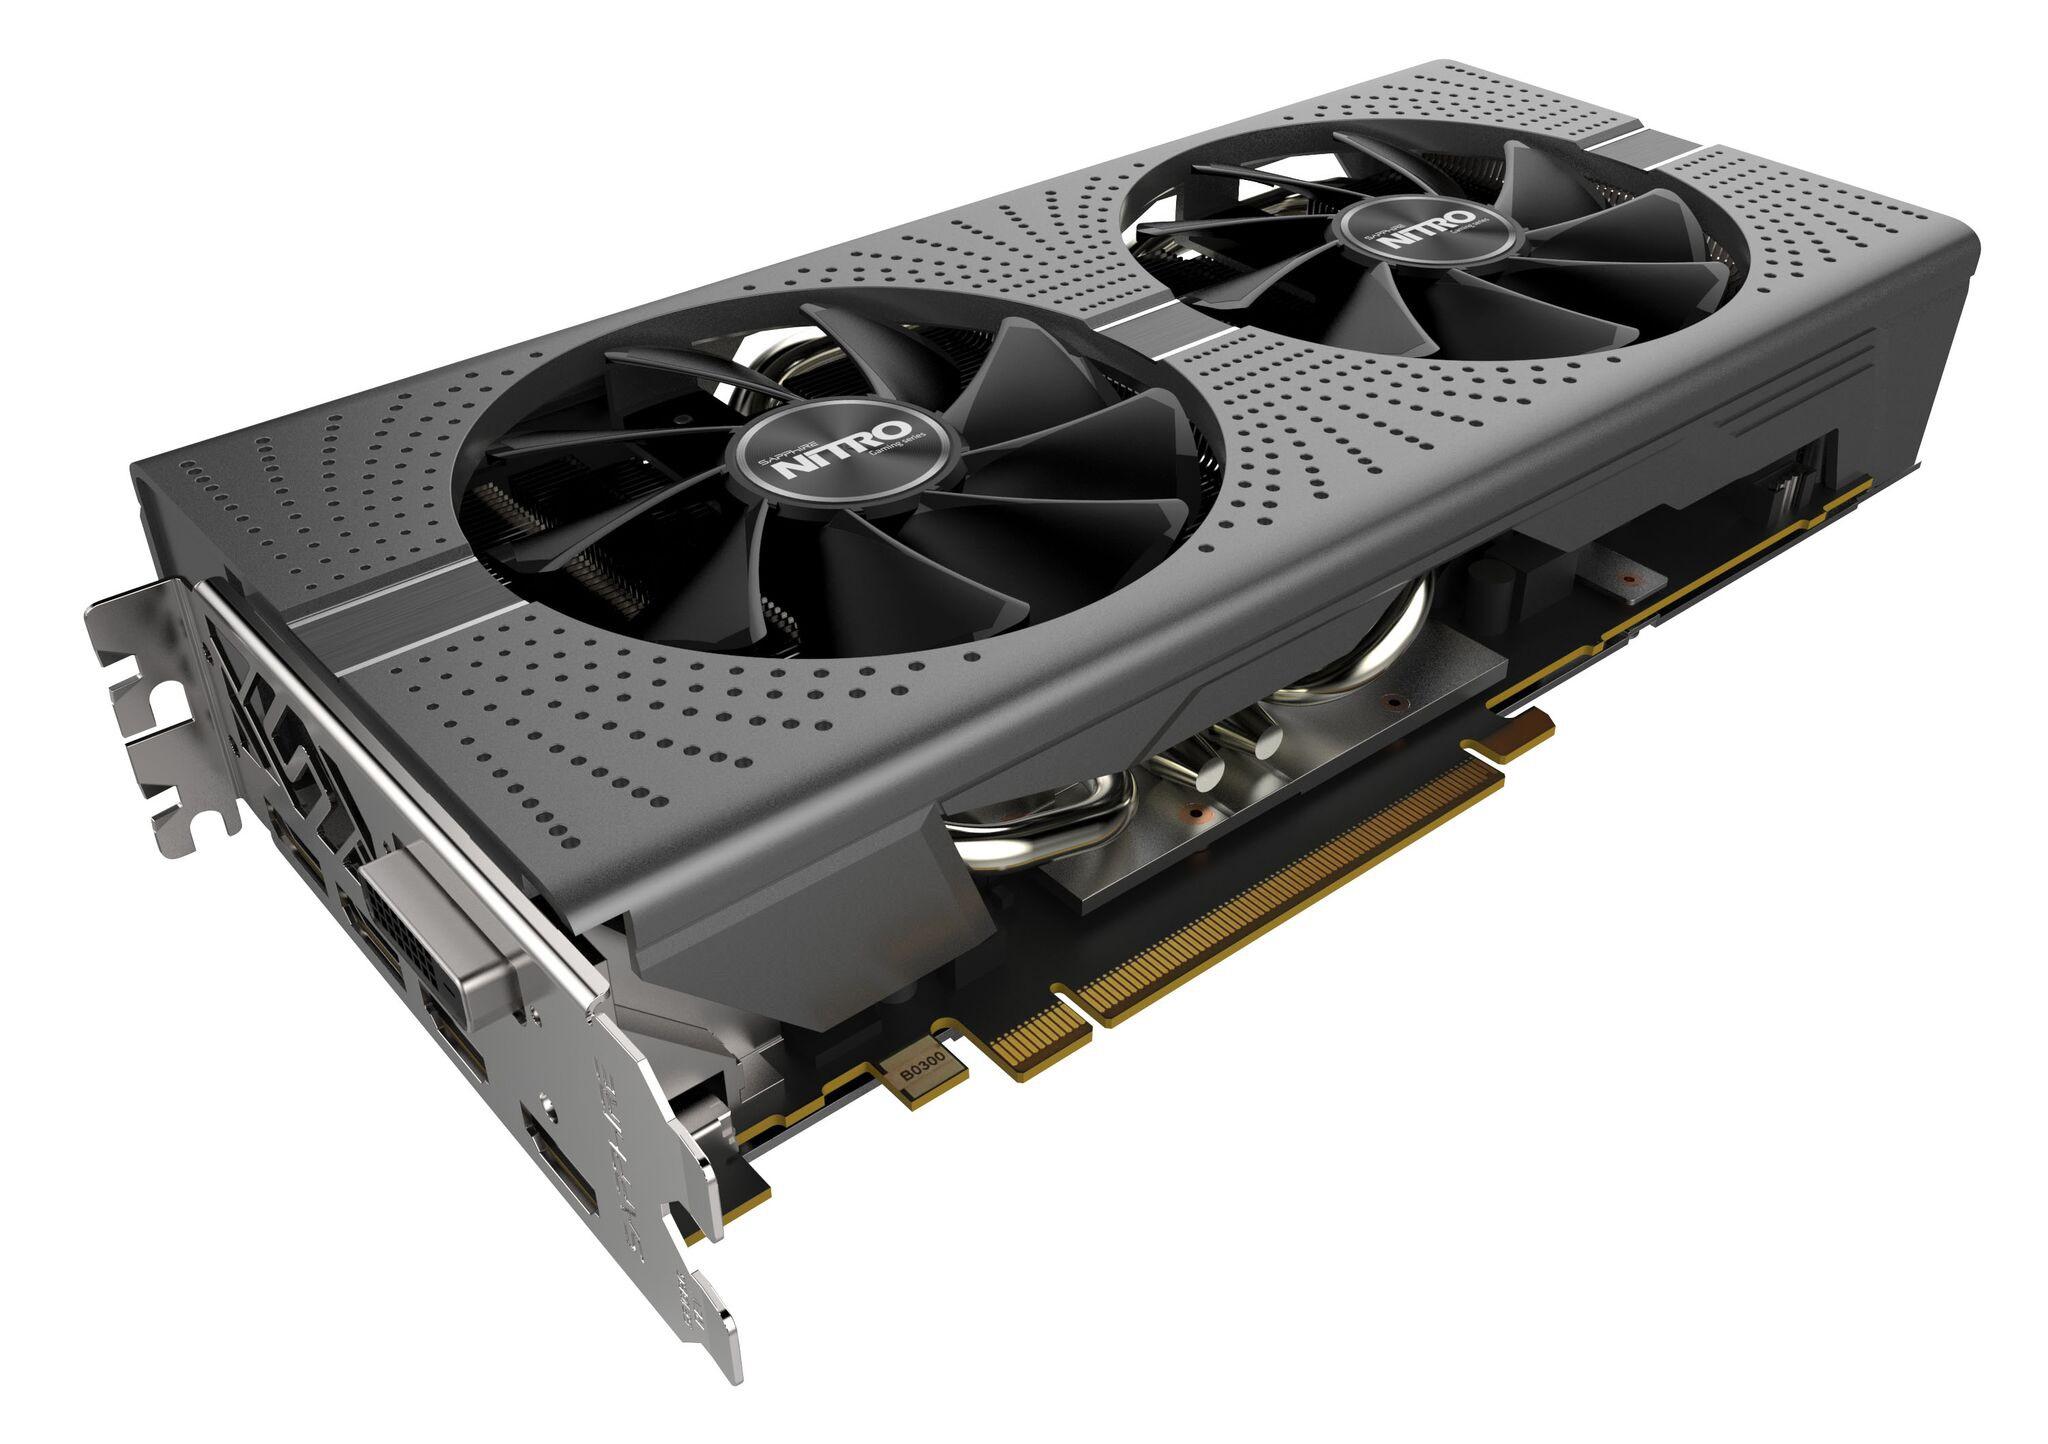 Обзор видеокарты AMD Radeon RX 580: Polaris второго поколения